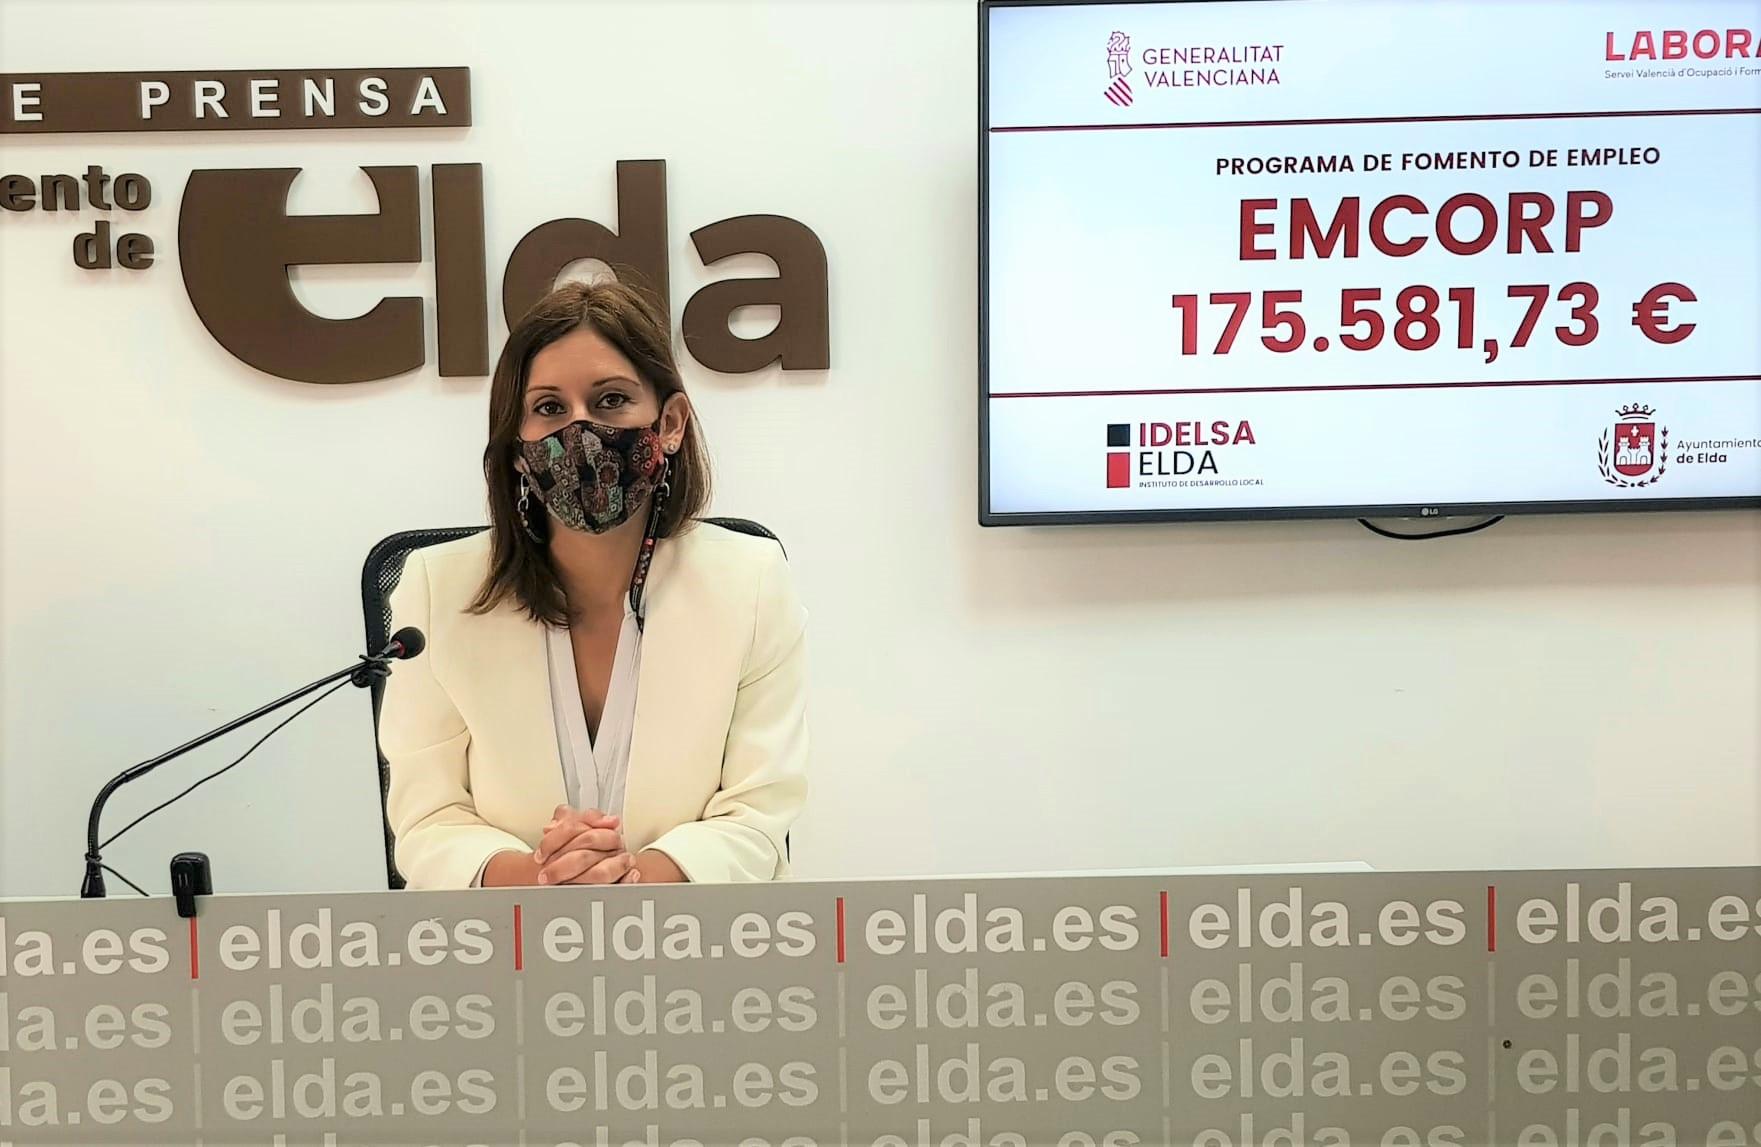 El Ayuntamiento de Elda contratará a doce personas durante un periodo de seis meses con los fondos EMCORP 2021 de la Generalitat